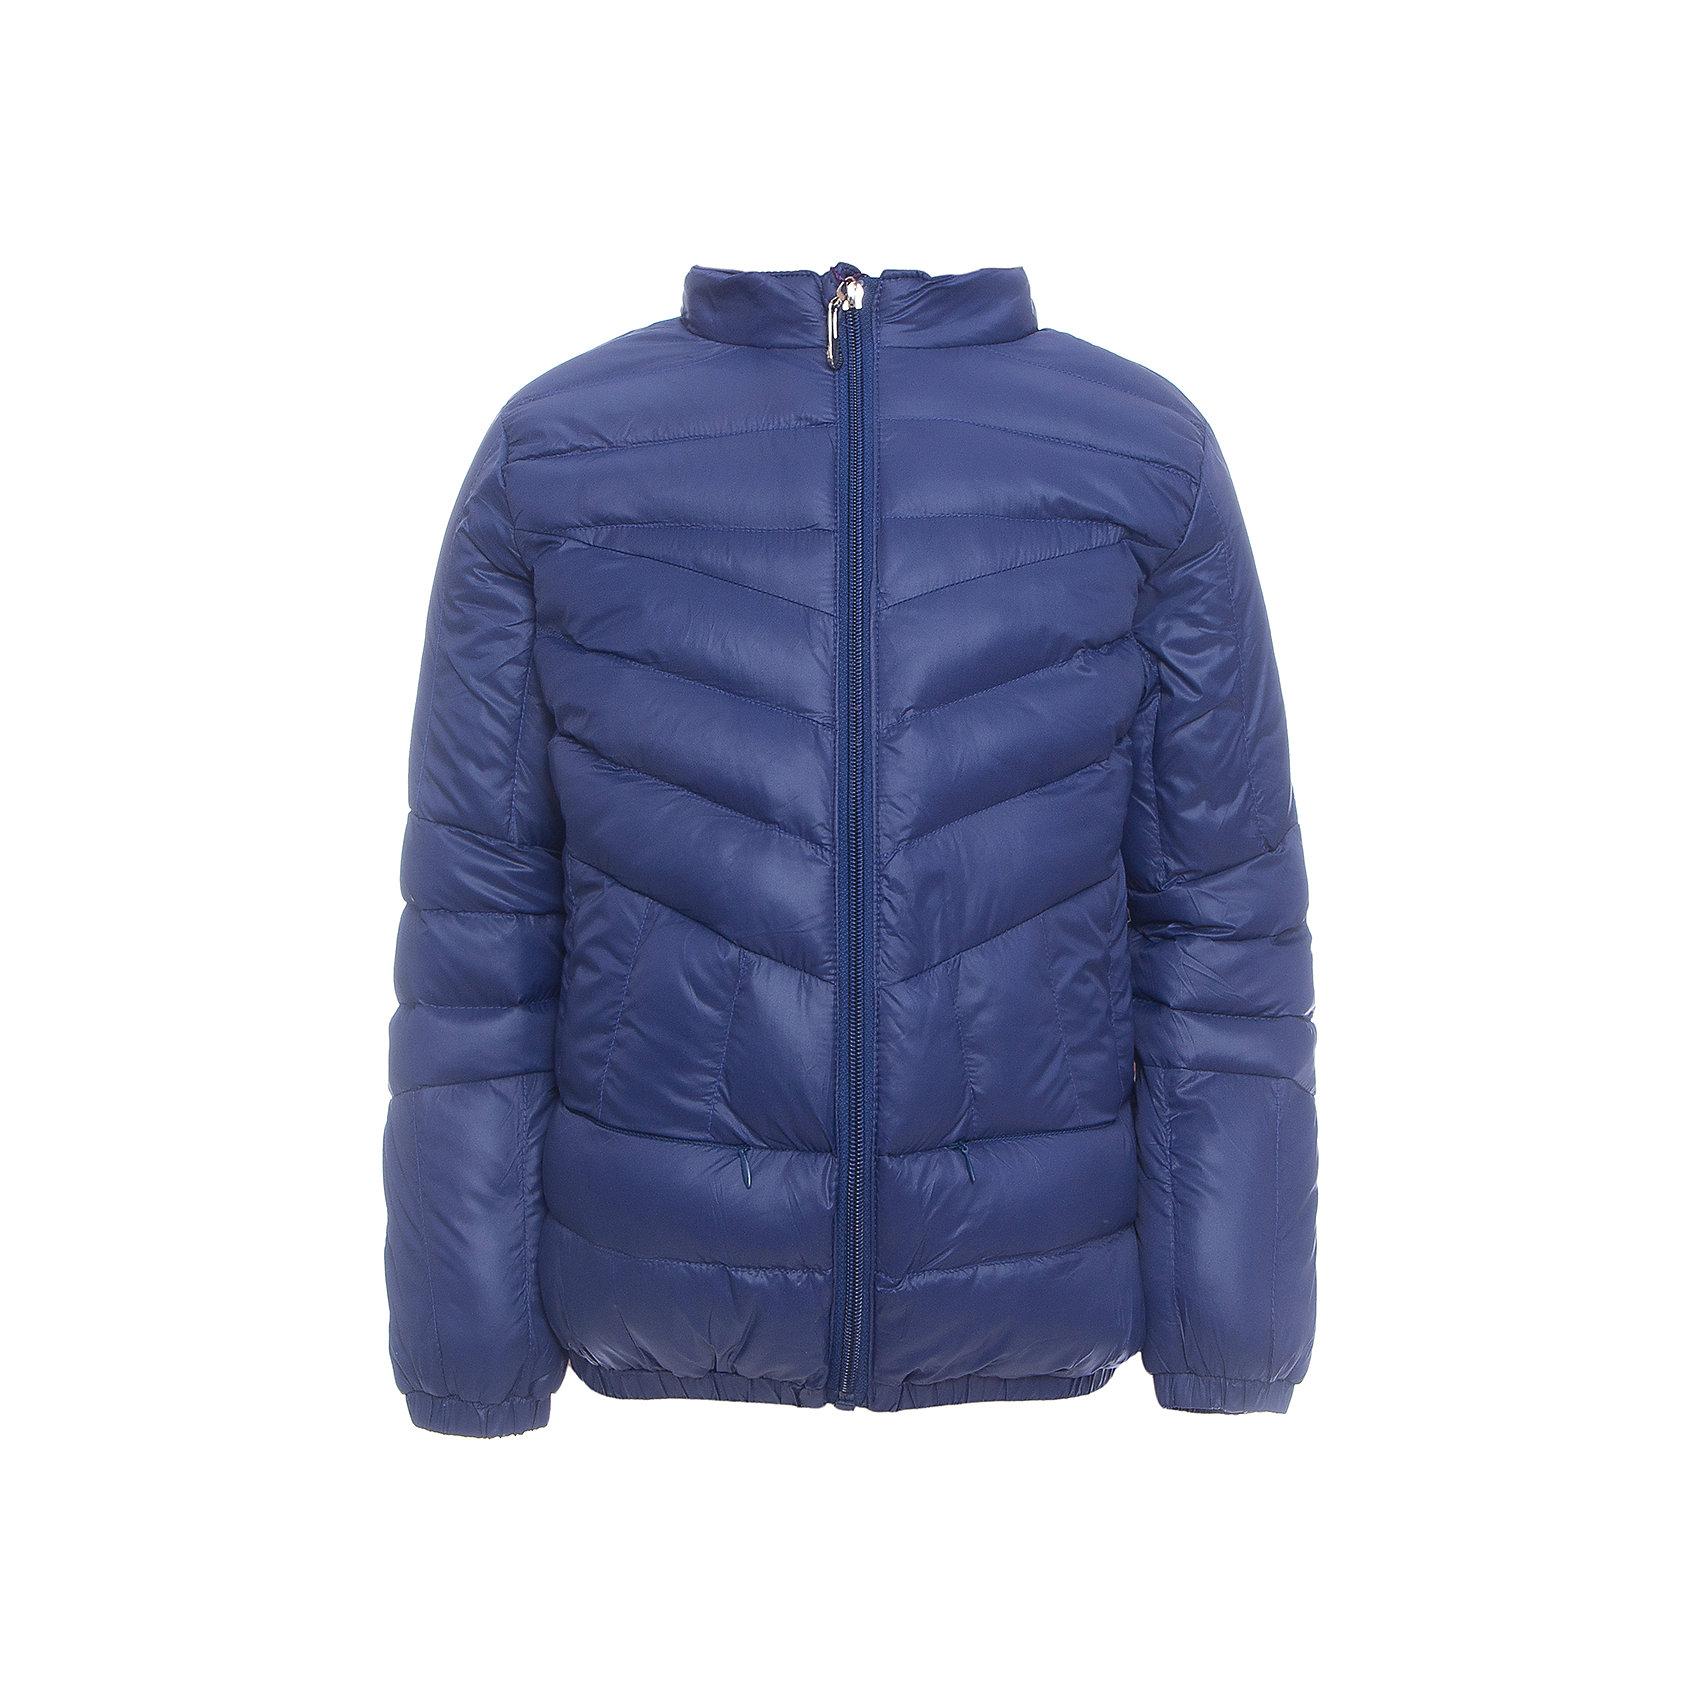 Куртка для девочки Sweet BerryВерхняя одежда<br>Легкая и удобная стеганая куртка с воротничком-стойкой для девочки. Два прорезных карманы на молнии.<br>Состав:<br>Верх: 100%нейлон.  Подкладка: 100%полиэстер. Наполнитель: 100%полиэстер<br><br>Ширина мм: 356<br>Глубина мм: 10<br>Высота мм: 245<br>Вес г: 519<br>Цвет: синий<br>Возраст от месяцев: 36<br>Возраст до месяцев: 48<br>Пол: Женский<br>Возраст: Детский<br>Размер: 104,98,110,116,122,128<br>SKU: 5411863